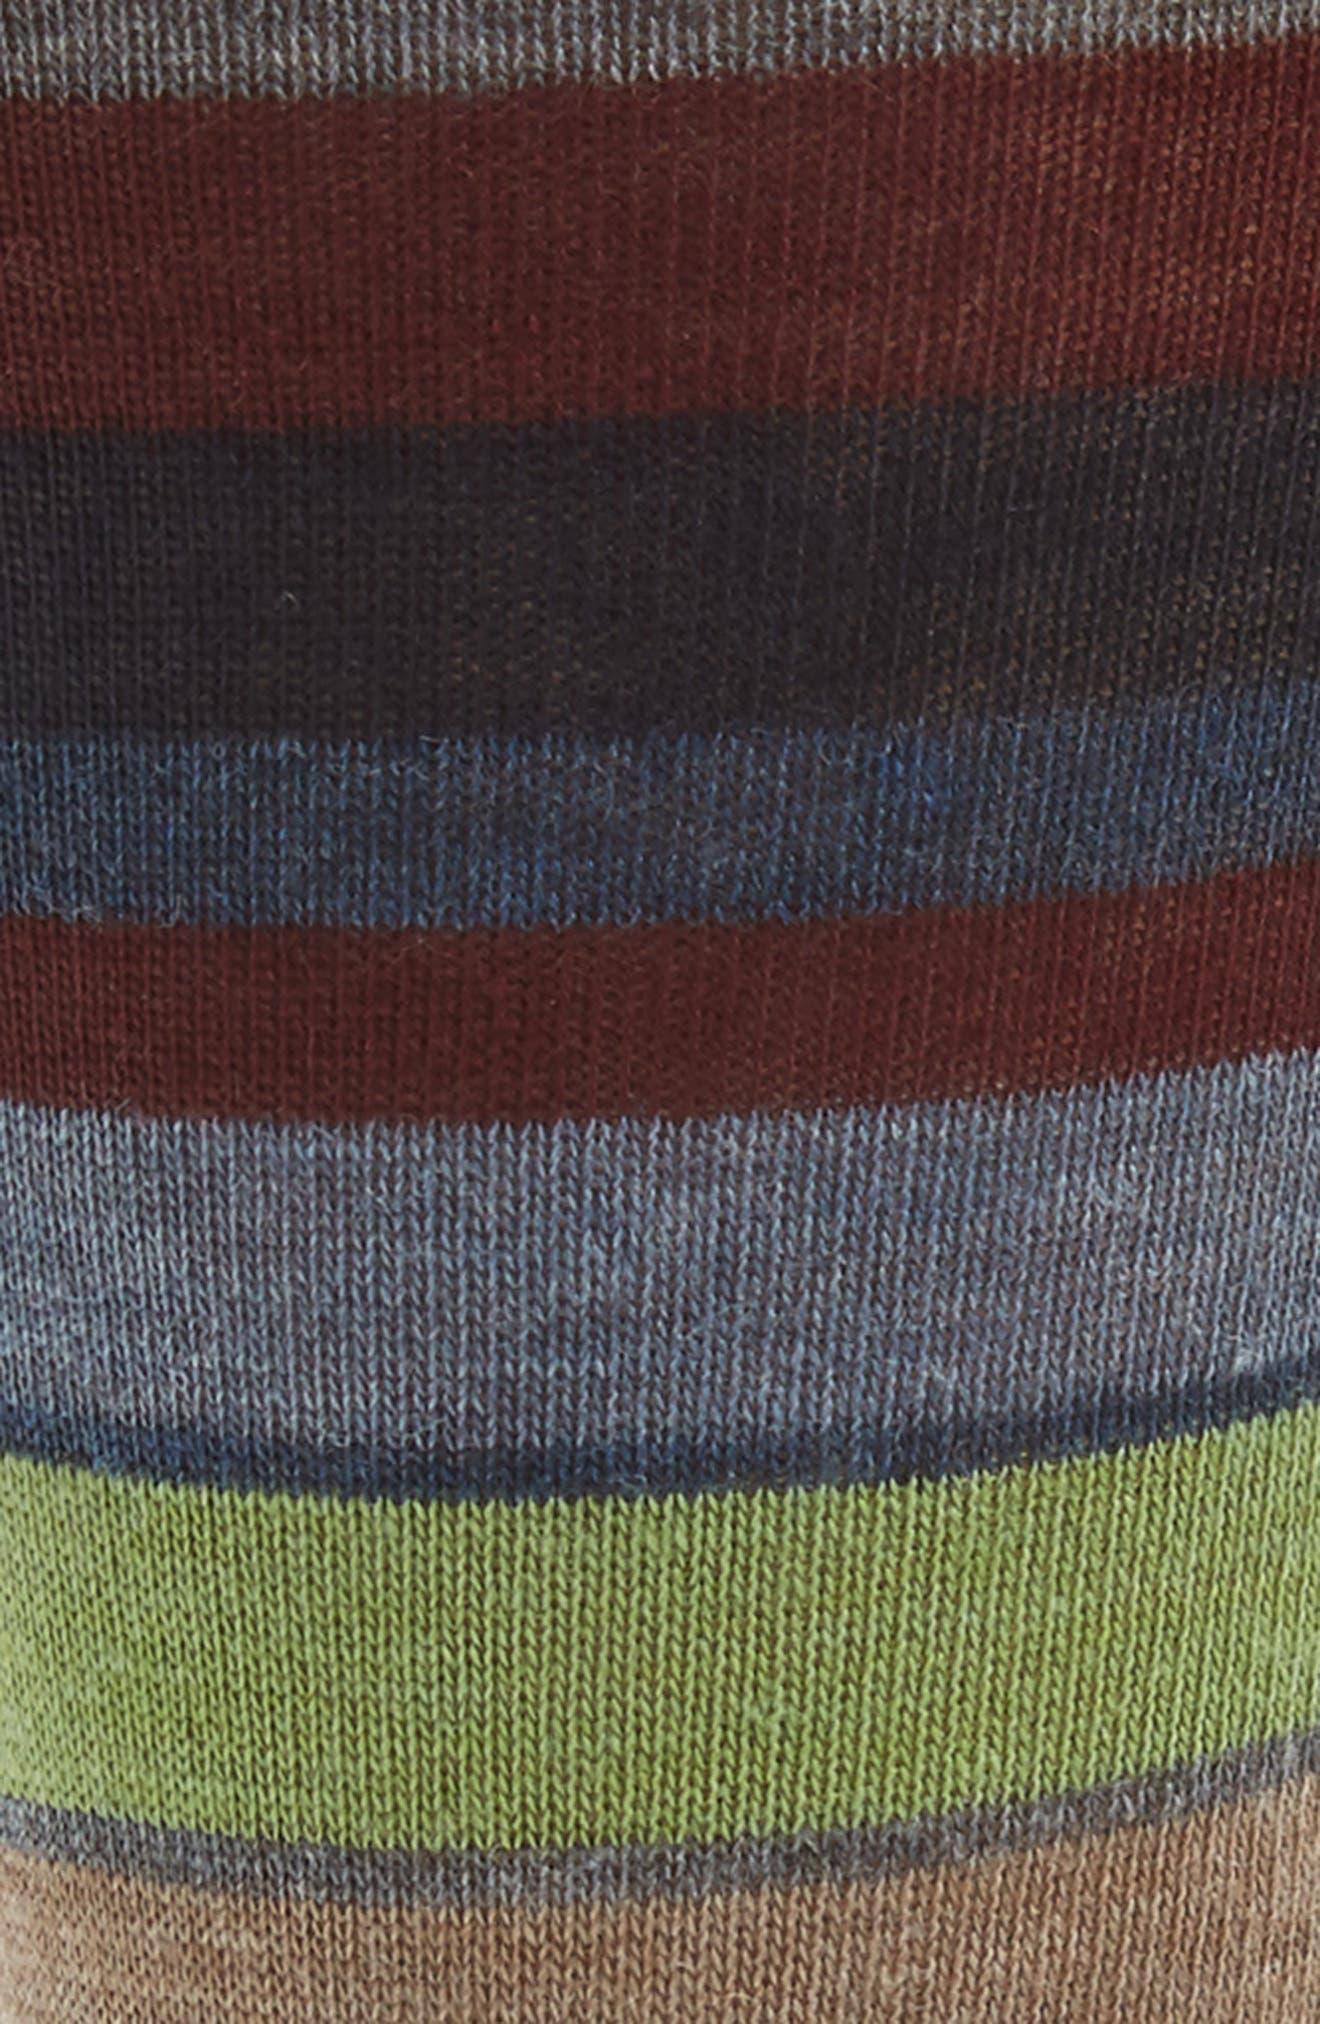 Multistripe Socks,                             Alternate thumbnail 2, color,                             Denim